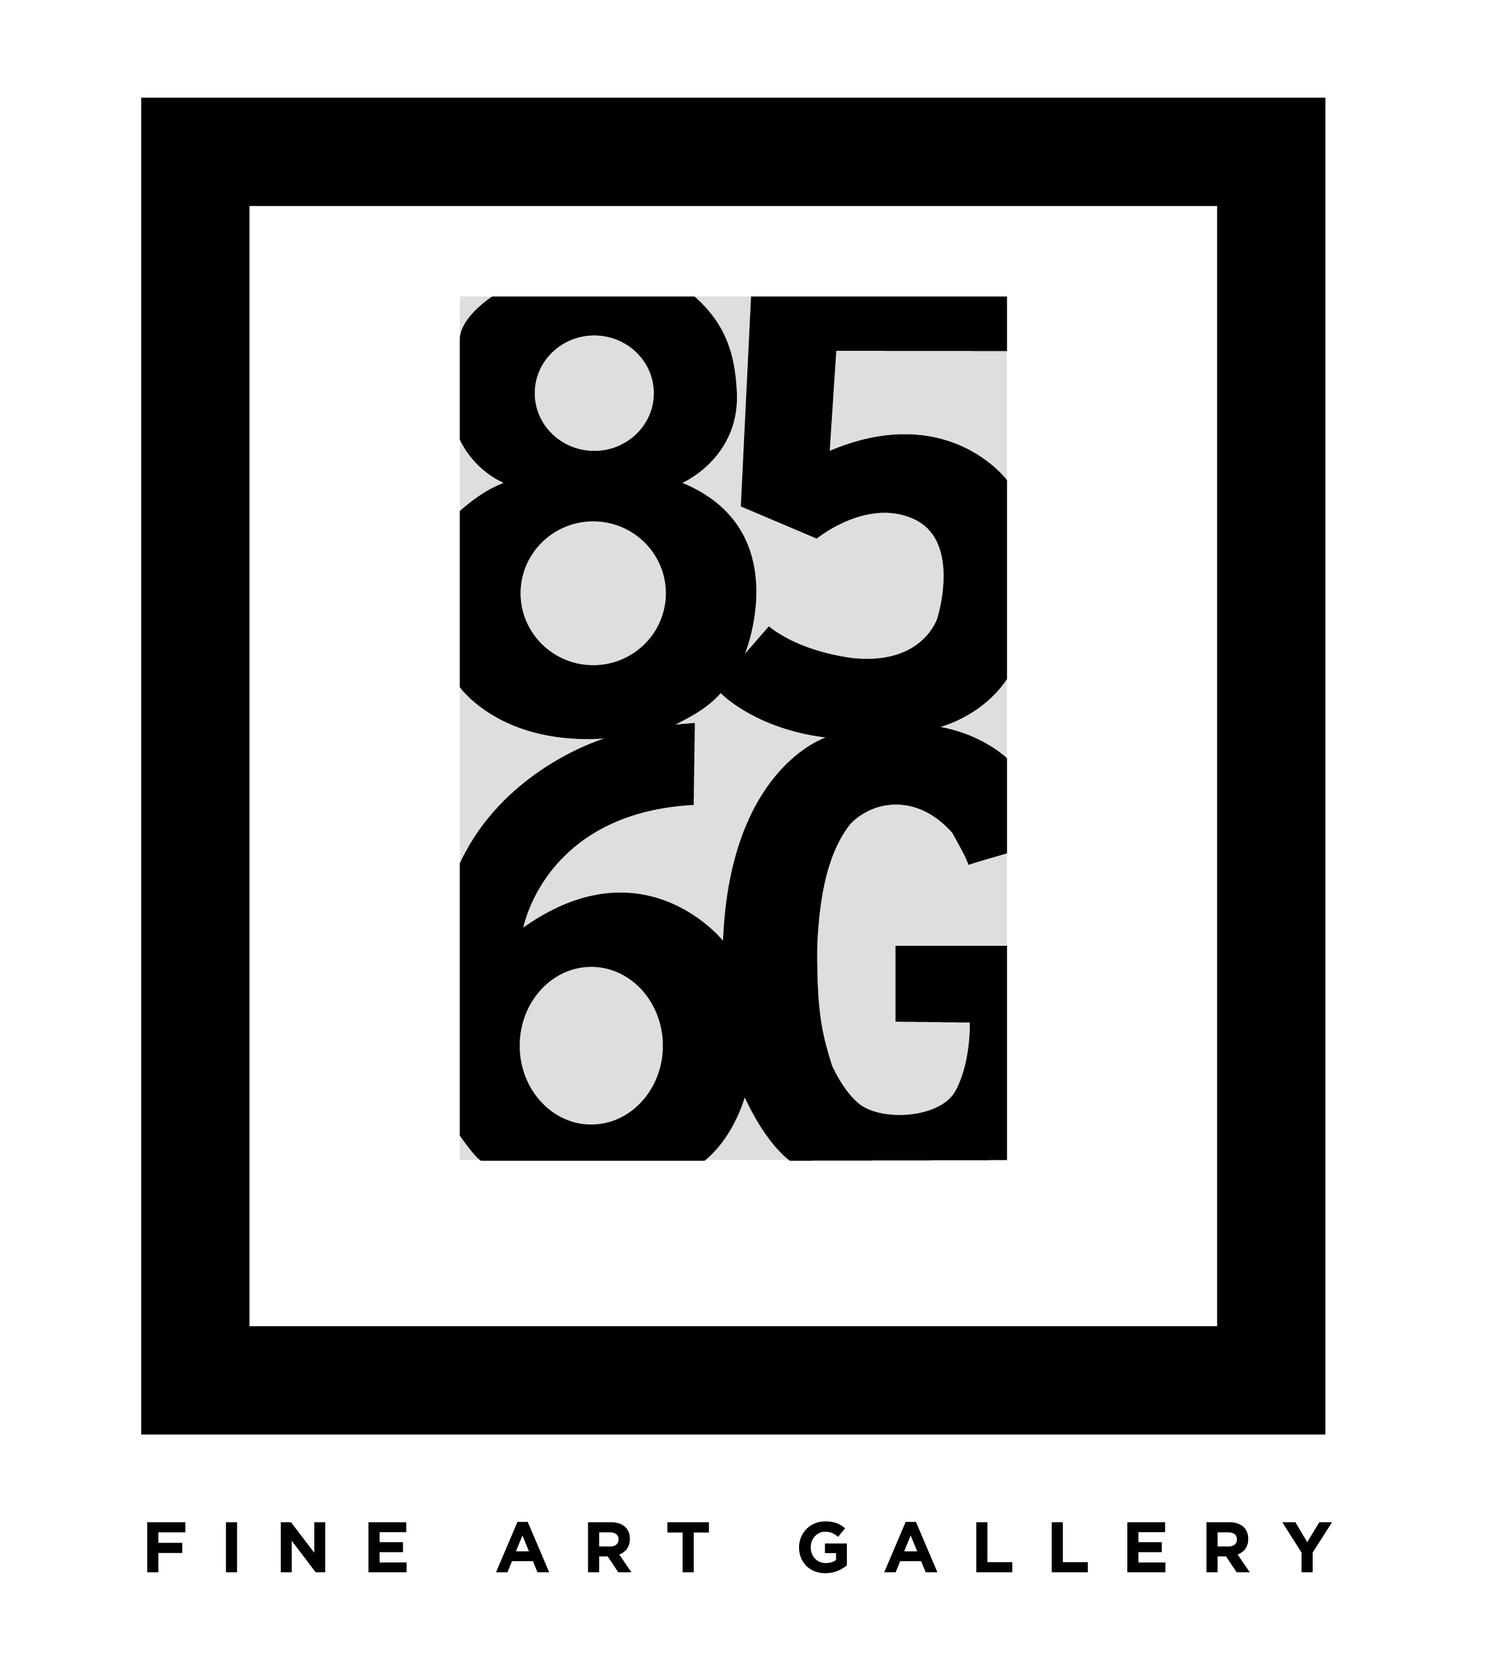 856 G GALLERY